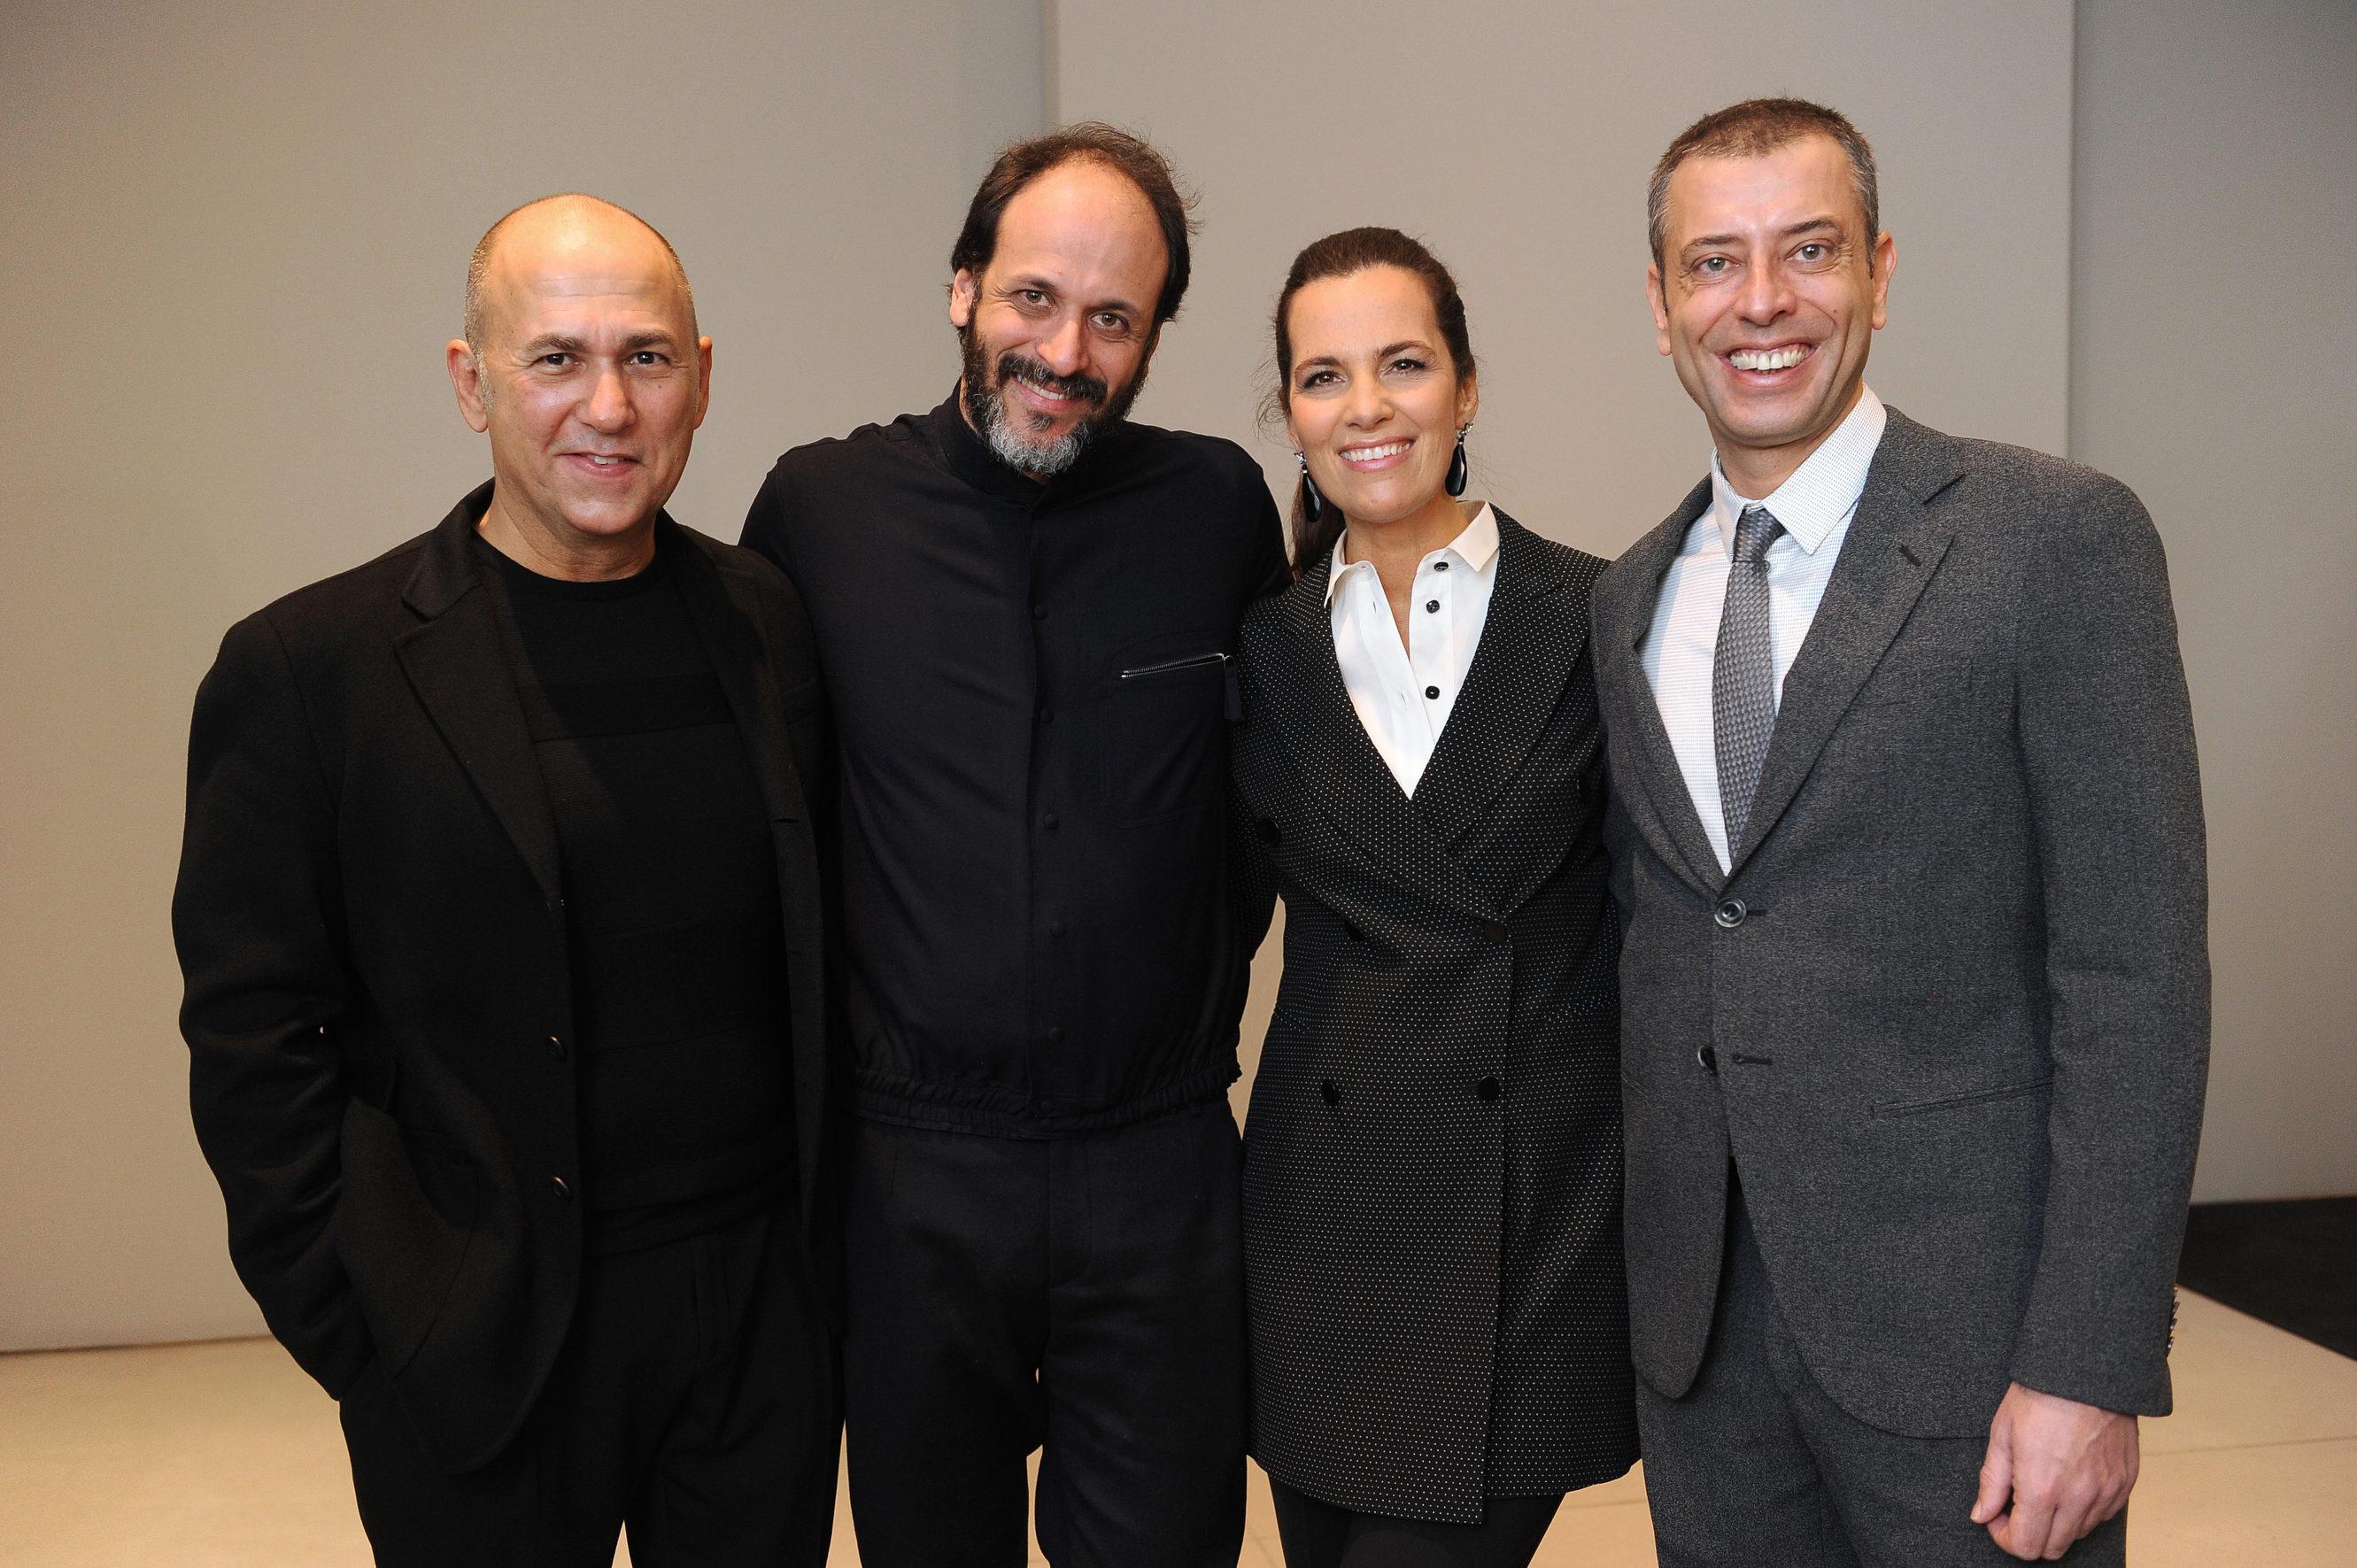 Ferzan Ozpetek;Luca Guadagnino;Roberta Armani;Ivan Cotroneo